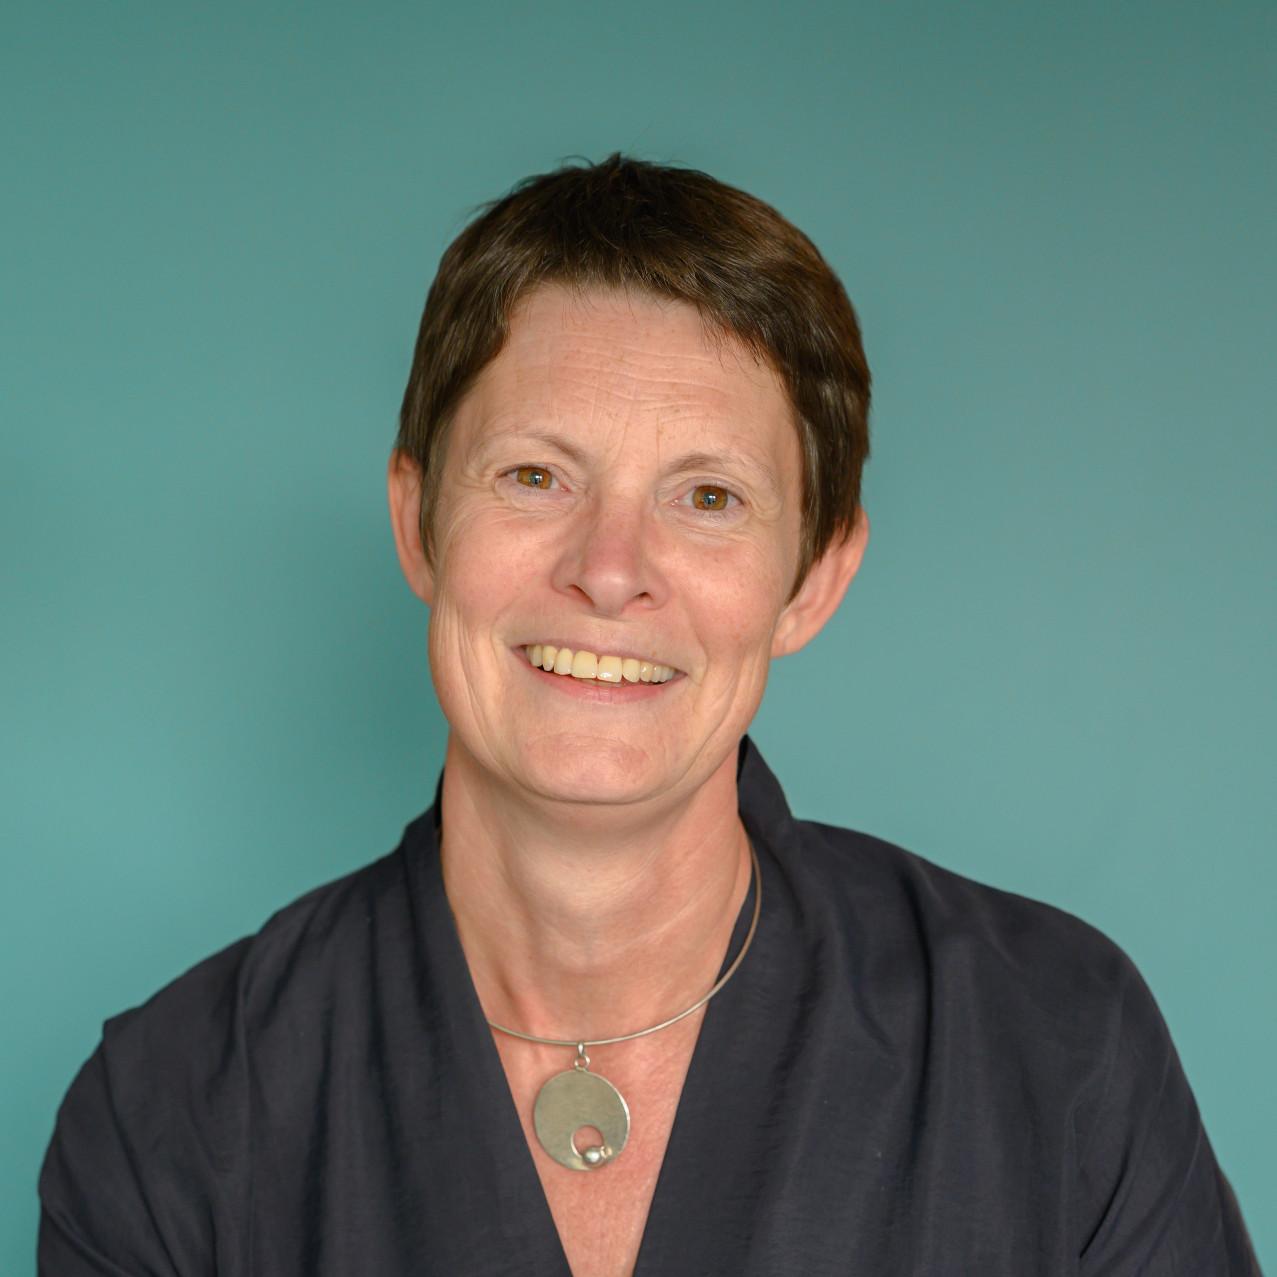 Valerie Werbrouck